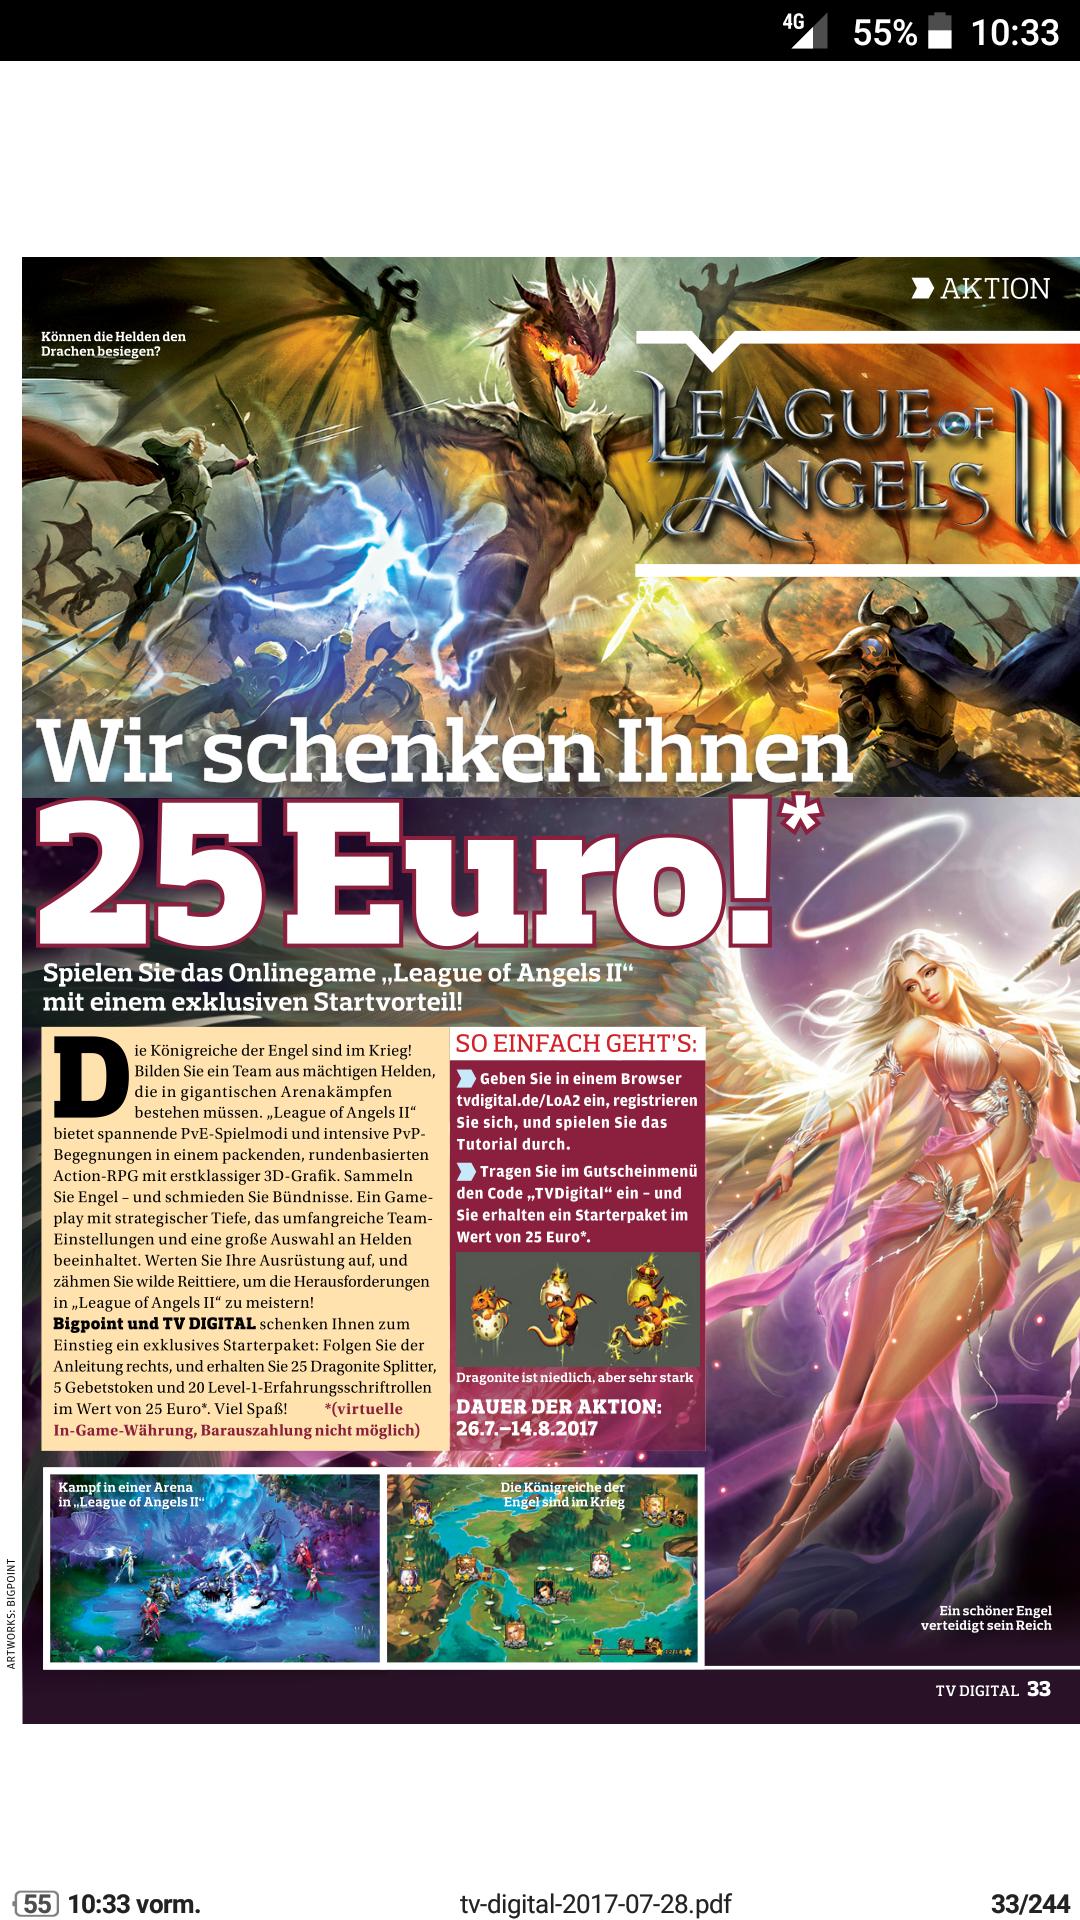 [League of Angels II] 25 Dragonite Splitter,  5 Gebetstoken und 20 Level-1-Erfahrungsschriftrollen  im Wert von 25 Euro gratis durch Gutscheincode